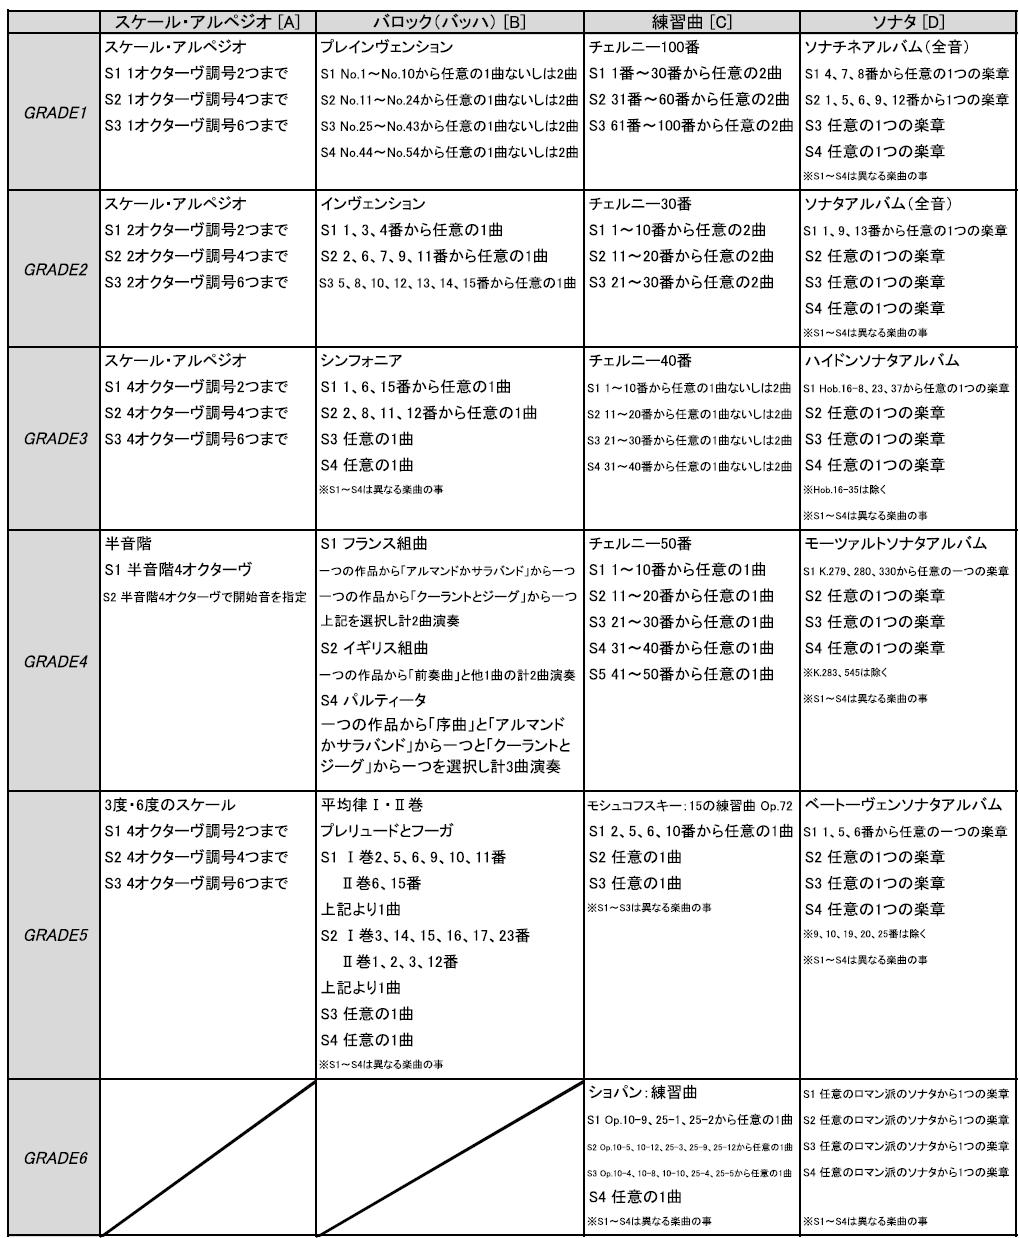 【Daion Piano Grade(大音ピアノグレード)】カテゴリー一覧表